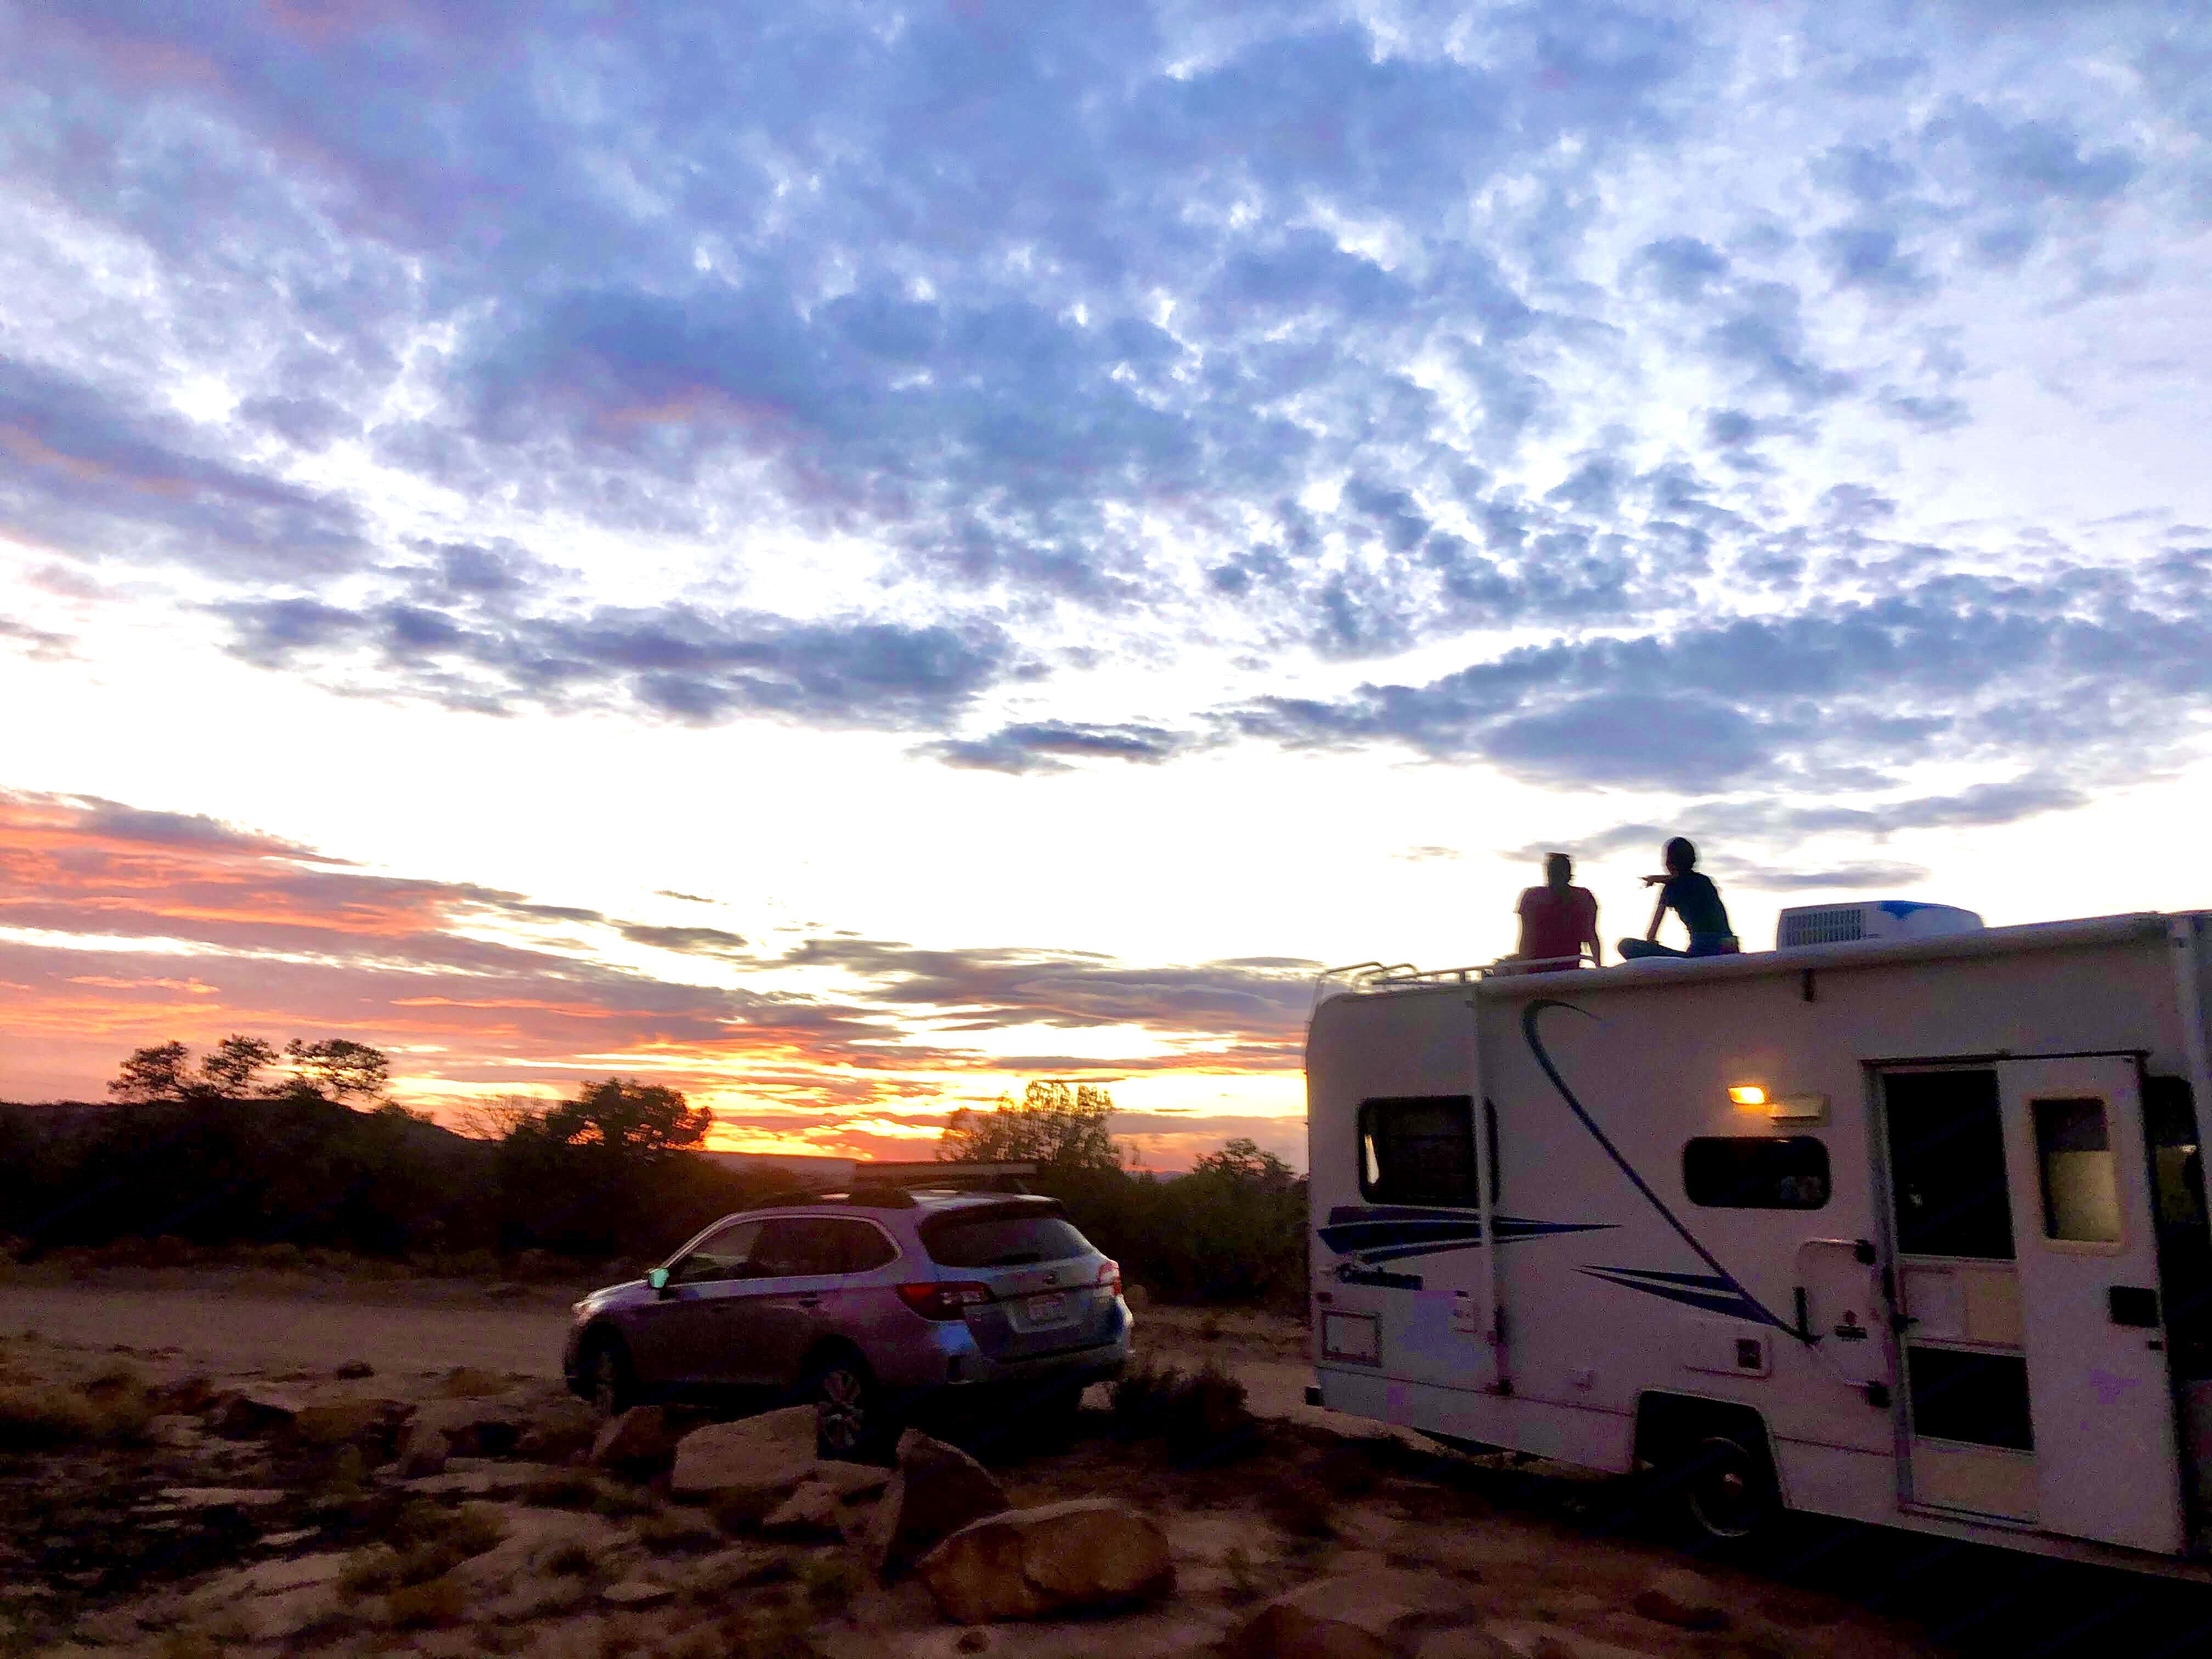 Watching the sun set near Canyonlands . Coachmen Catalina 1996